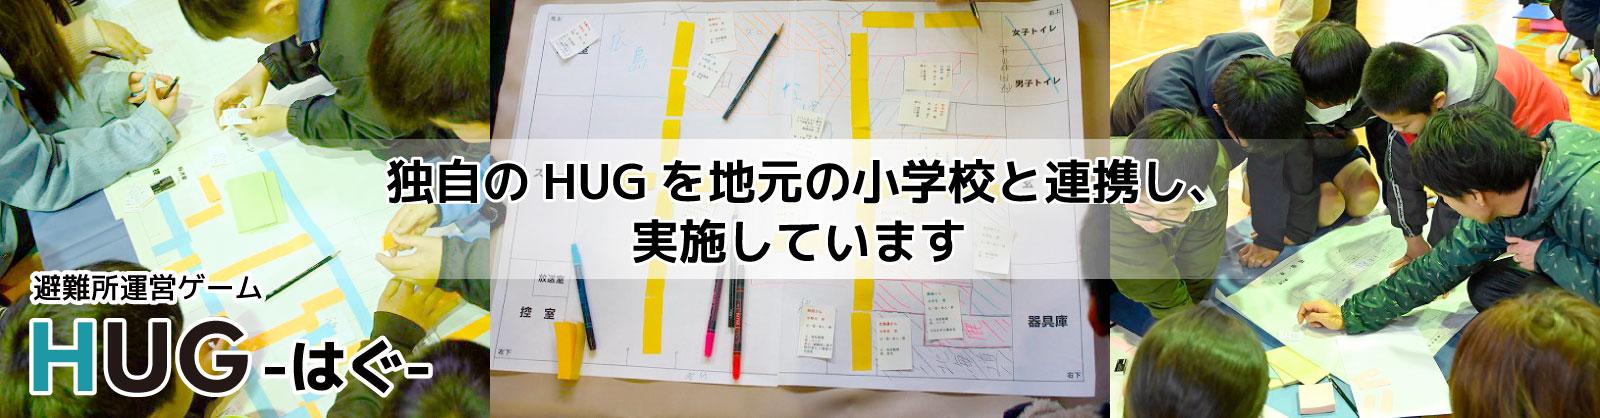 避難所運営ゲームHUG(ハグ)